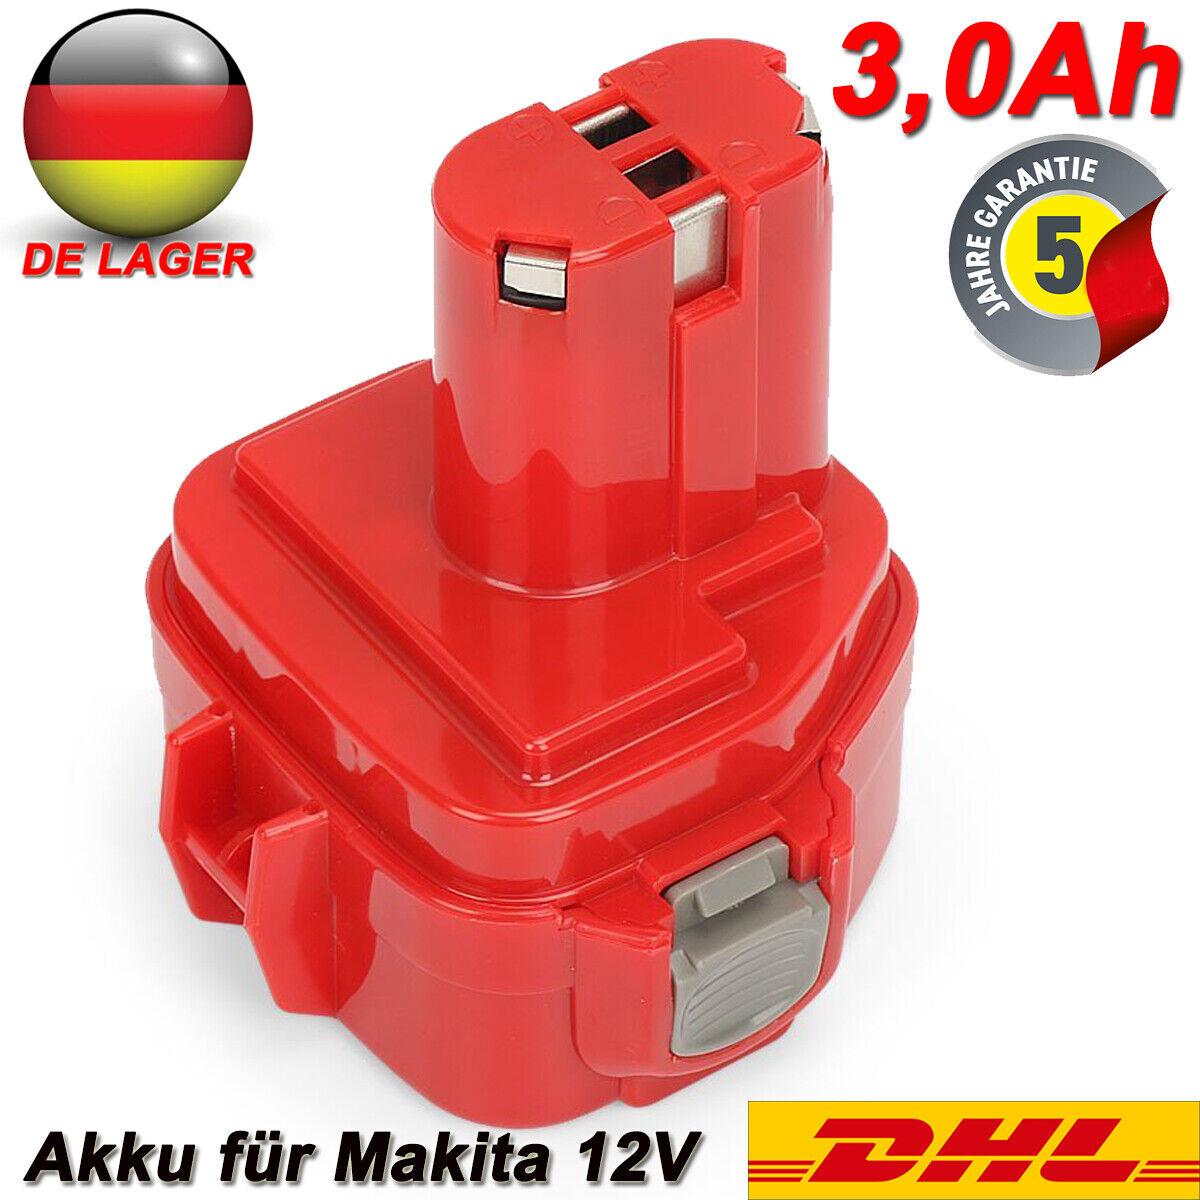 12V Akku für Makita PA12 1200 1220 1222 1233 1234 1235F 5093D 6270D 192698-8 Neu